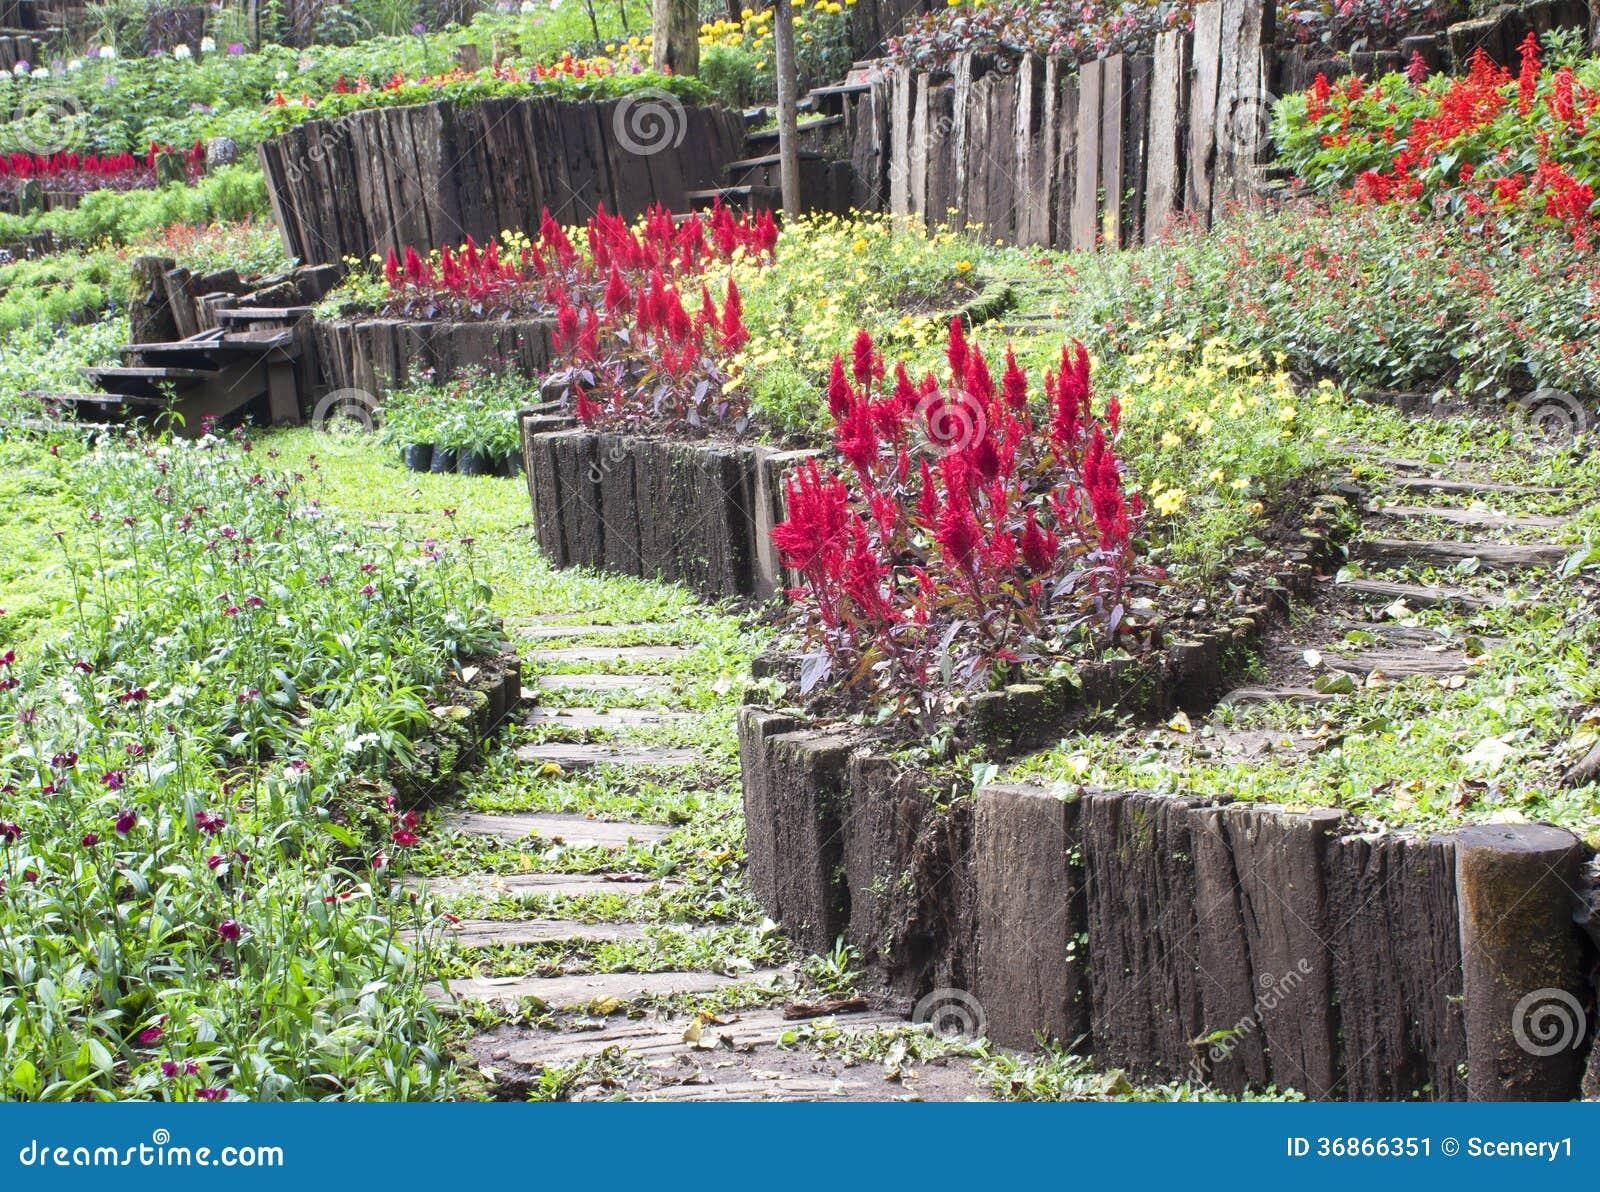 Giardini pubblici e cespugli pianta e fiori immagine - Giardini e fiori ...